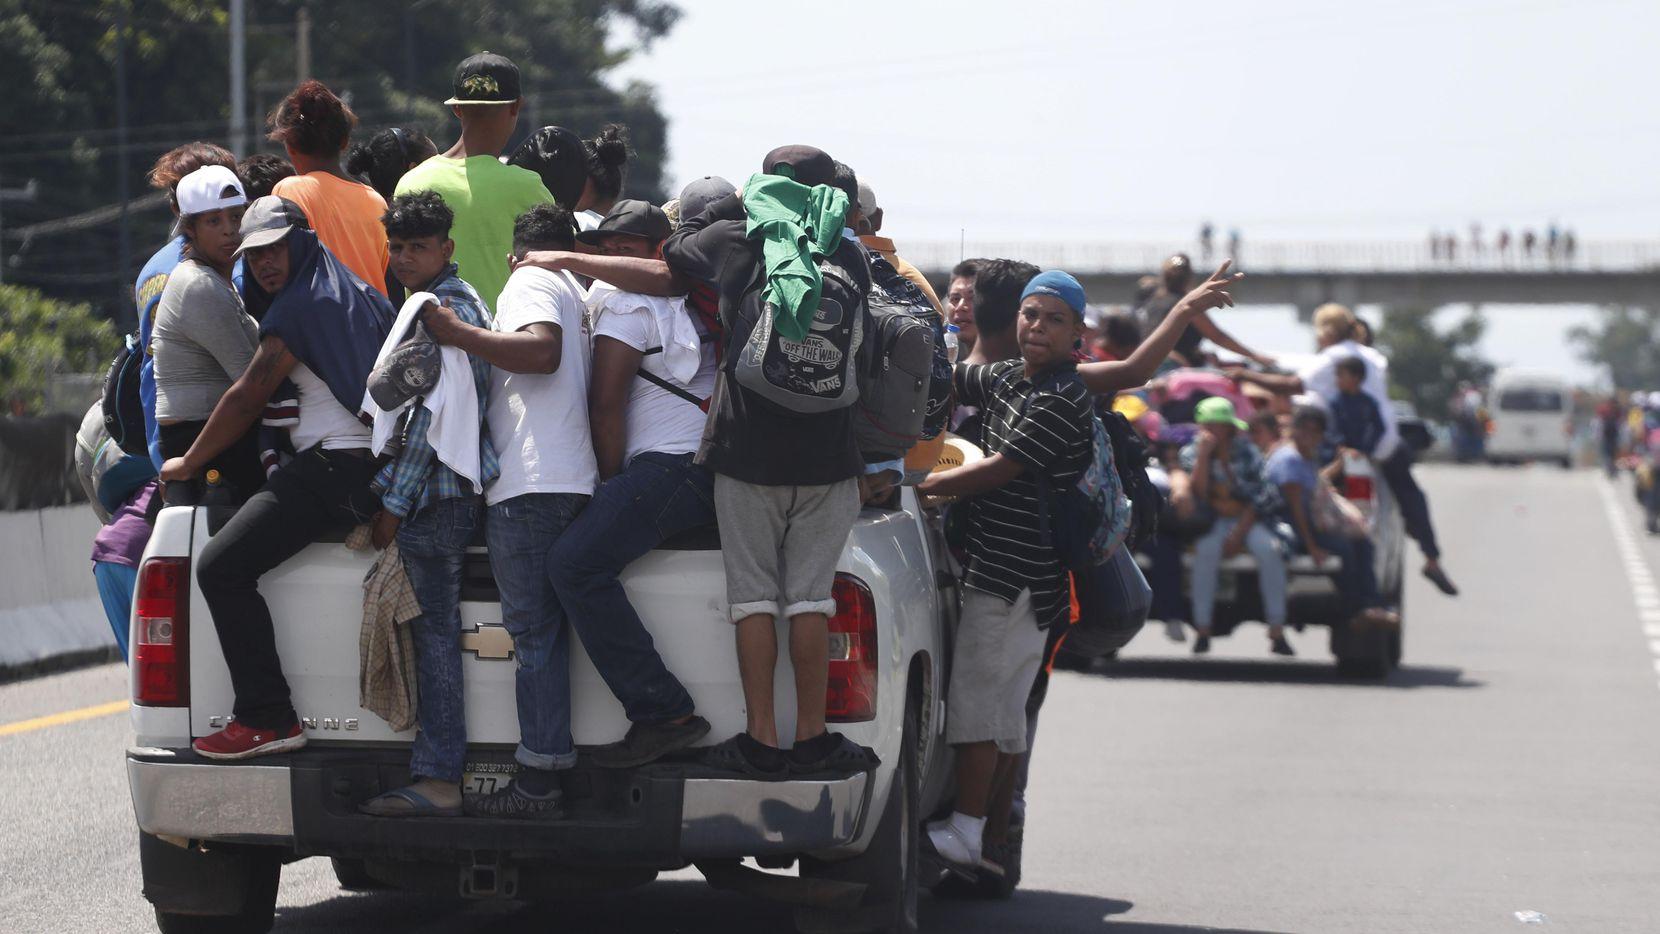 Migrantes de centroamerica piden ayuda para intentar llegar a Estados Unidos luego de cruzar la frontera entre Guatemala y México, en Tapachula, Chiapas. (AP/Moises Castillo)